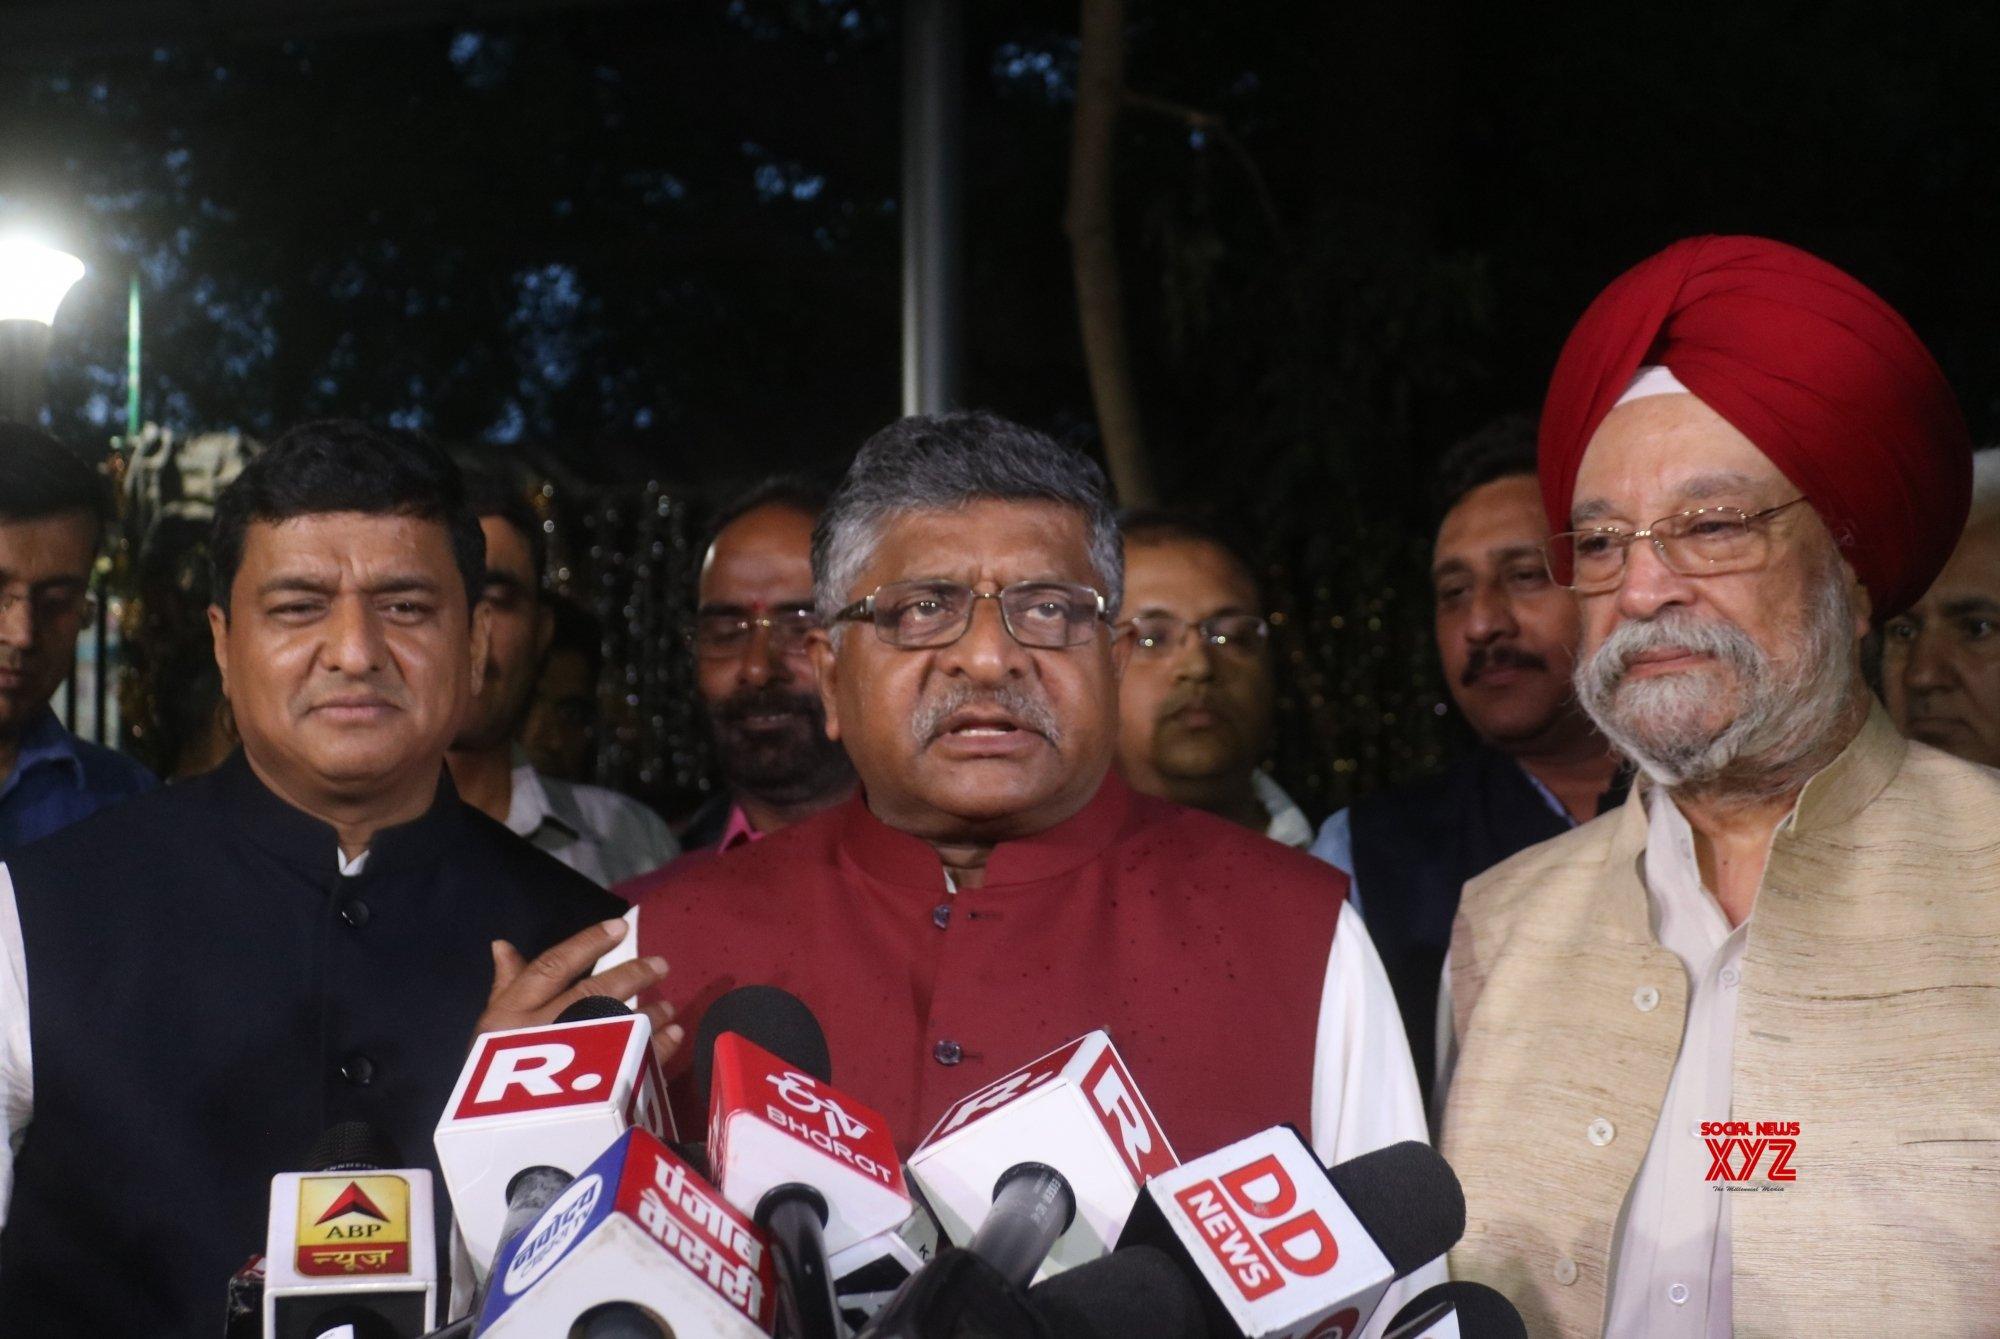 New Delhi: - Ravi Shankar Prasad meets CEC, talks to media #Gallery